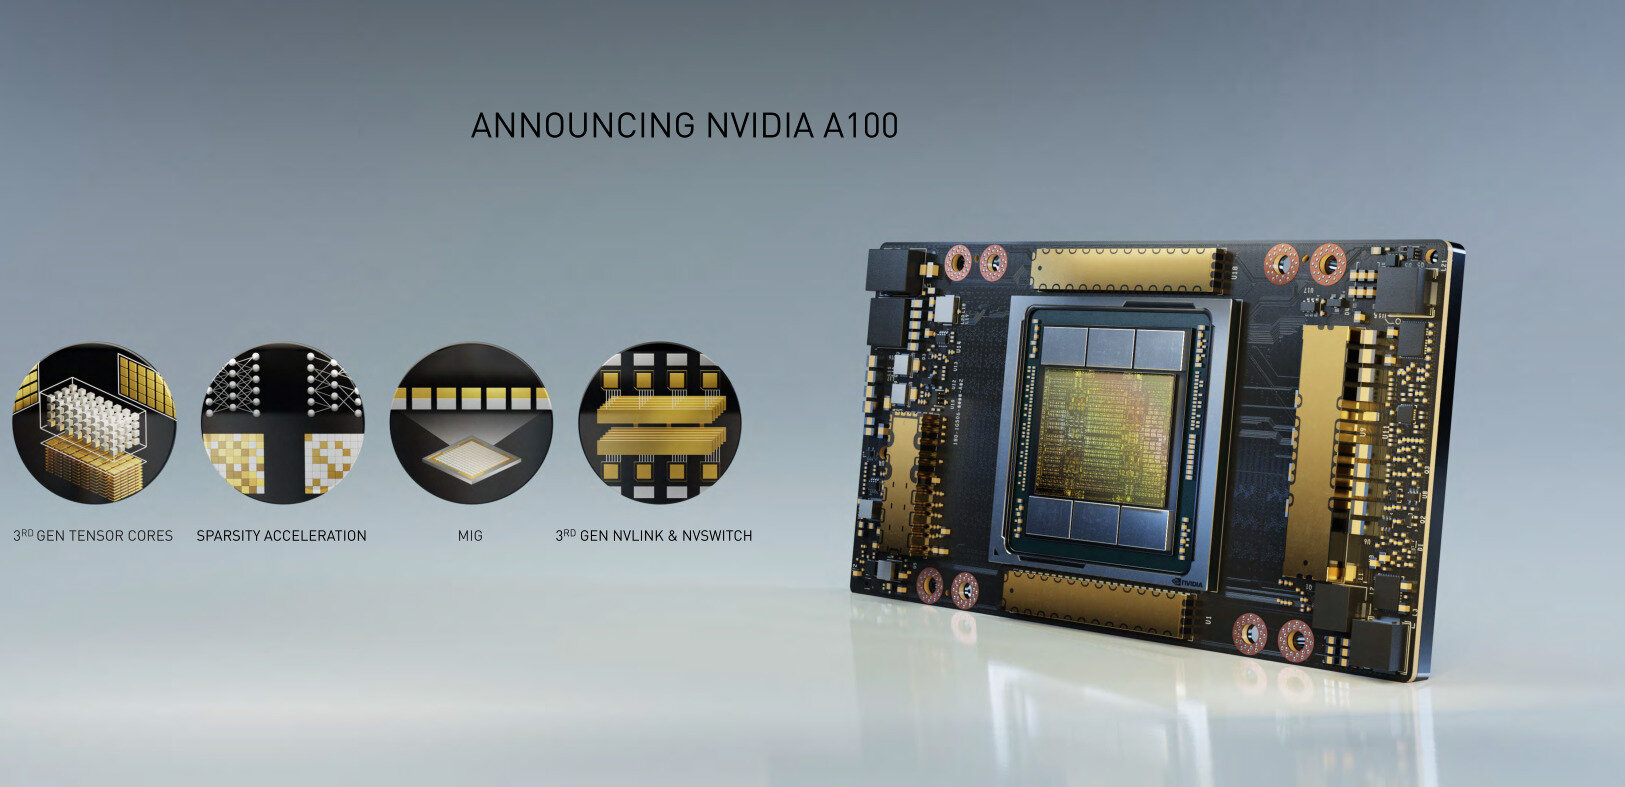 NVIDIA dévoile son monstre A100 (Ampere) avec TF32 : 54 milliards de transistors en 7 nm